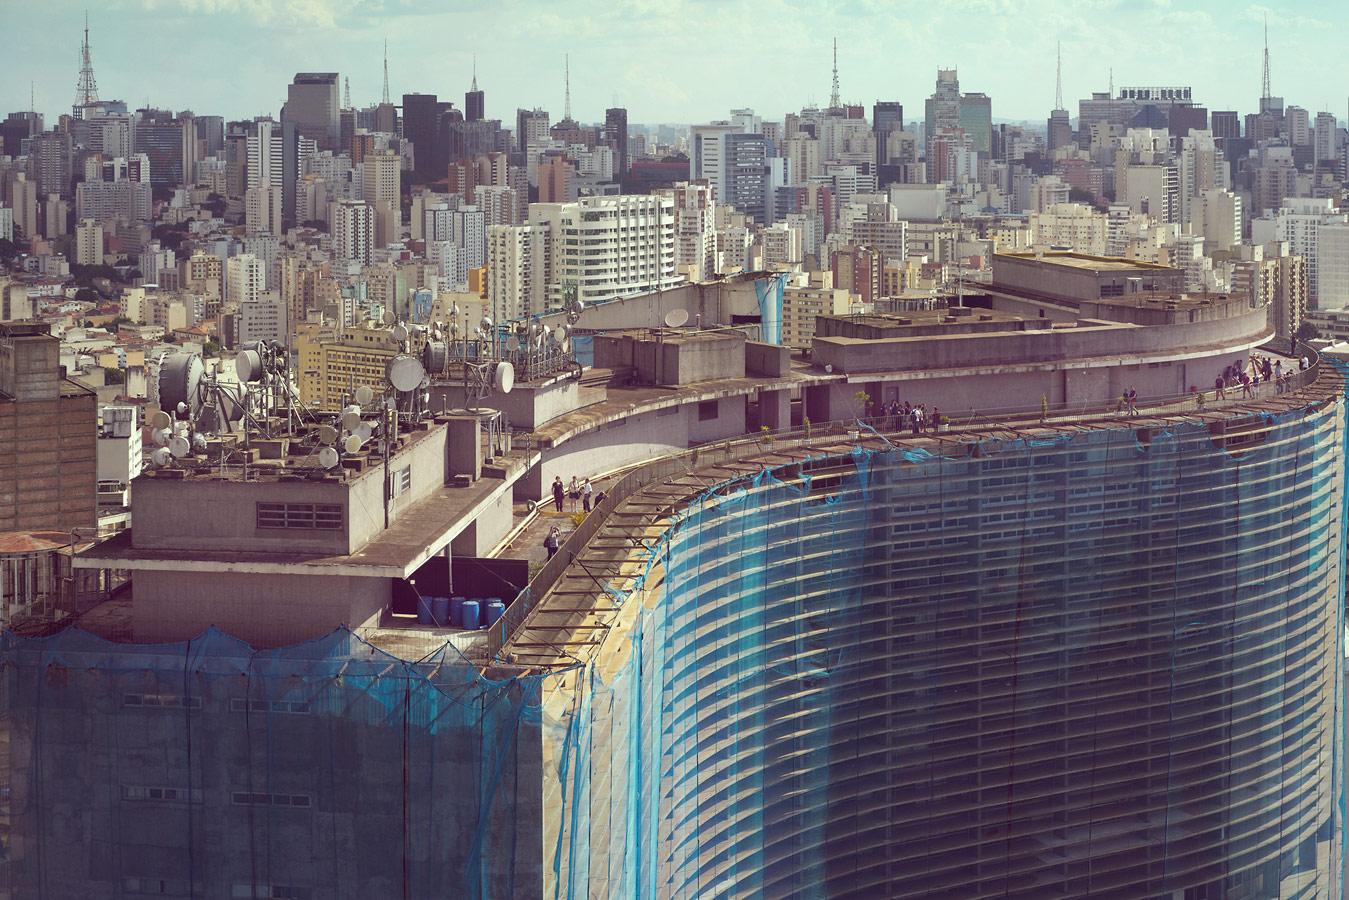 Сан-Паулу I, © Фрости, Лондон, Великобритания, Финалист категории «Настроение места», профессионал, Фотоконкурс экстремальных путешествий «Мир в фокусе» — World In Focus